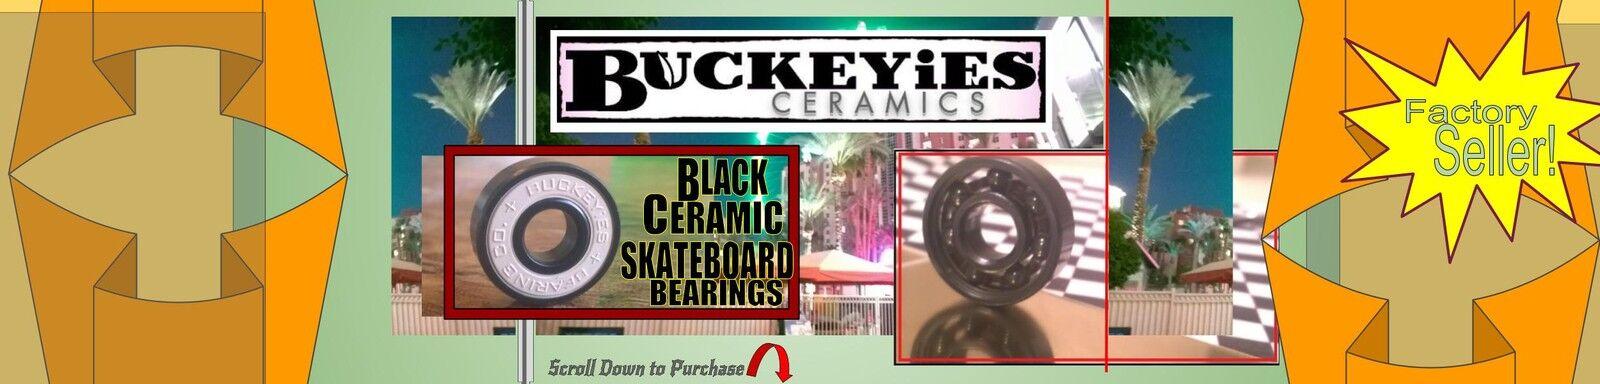 - BUCKEYiES BEARING CO. -